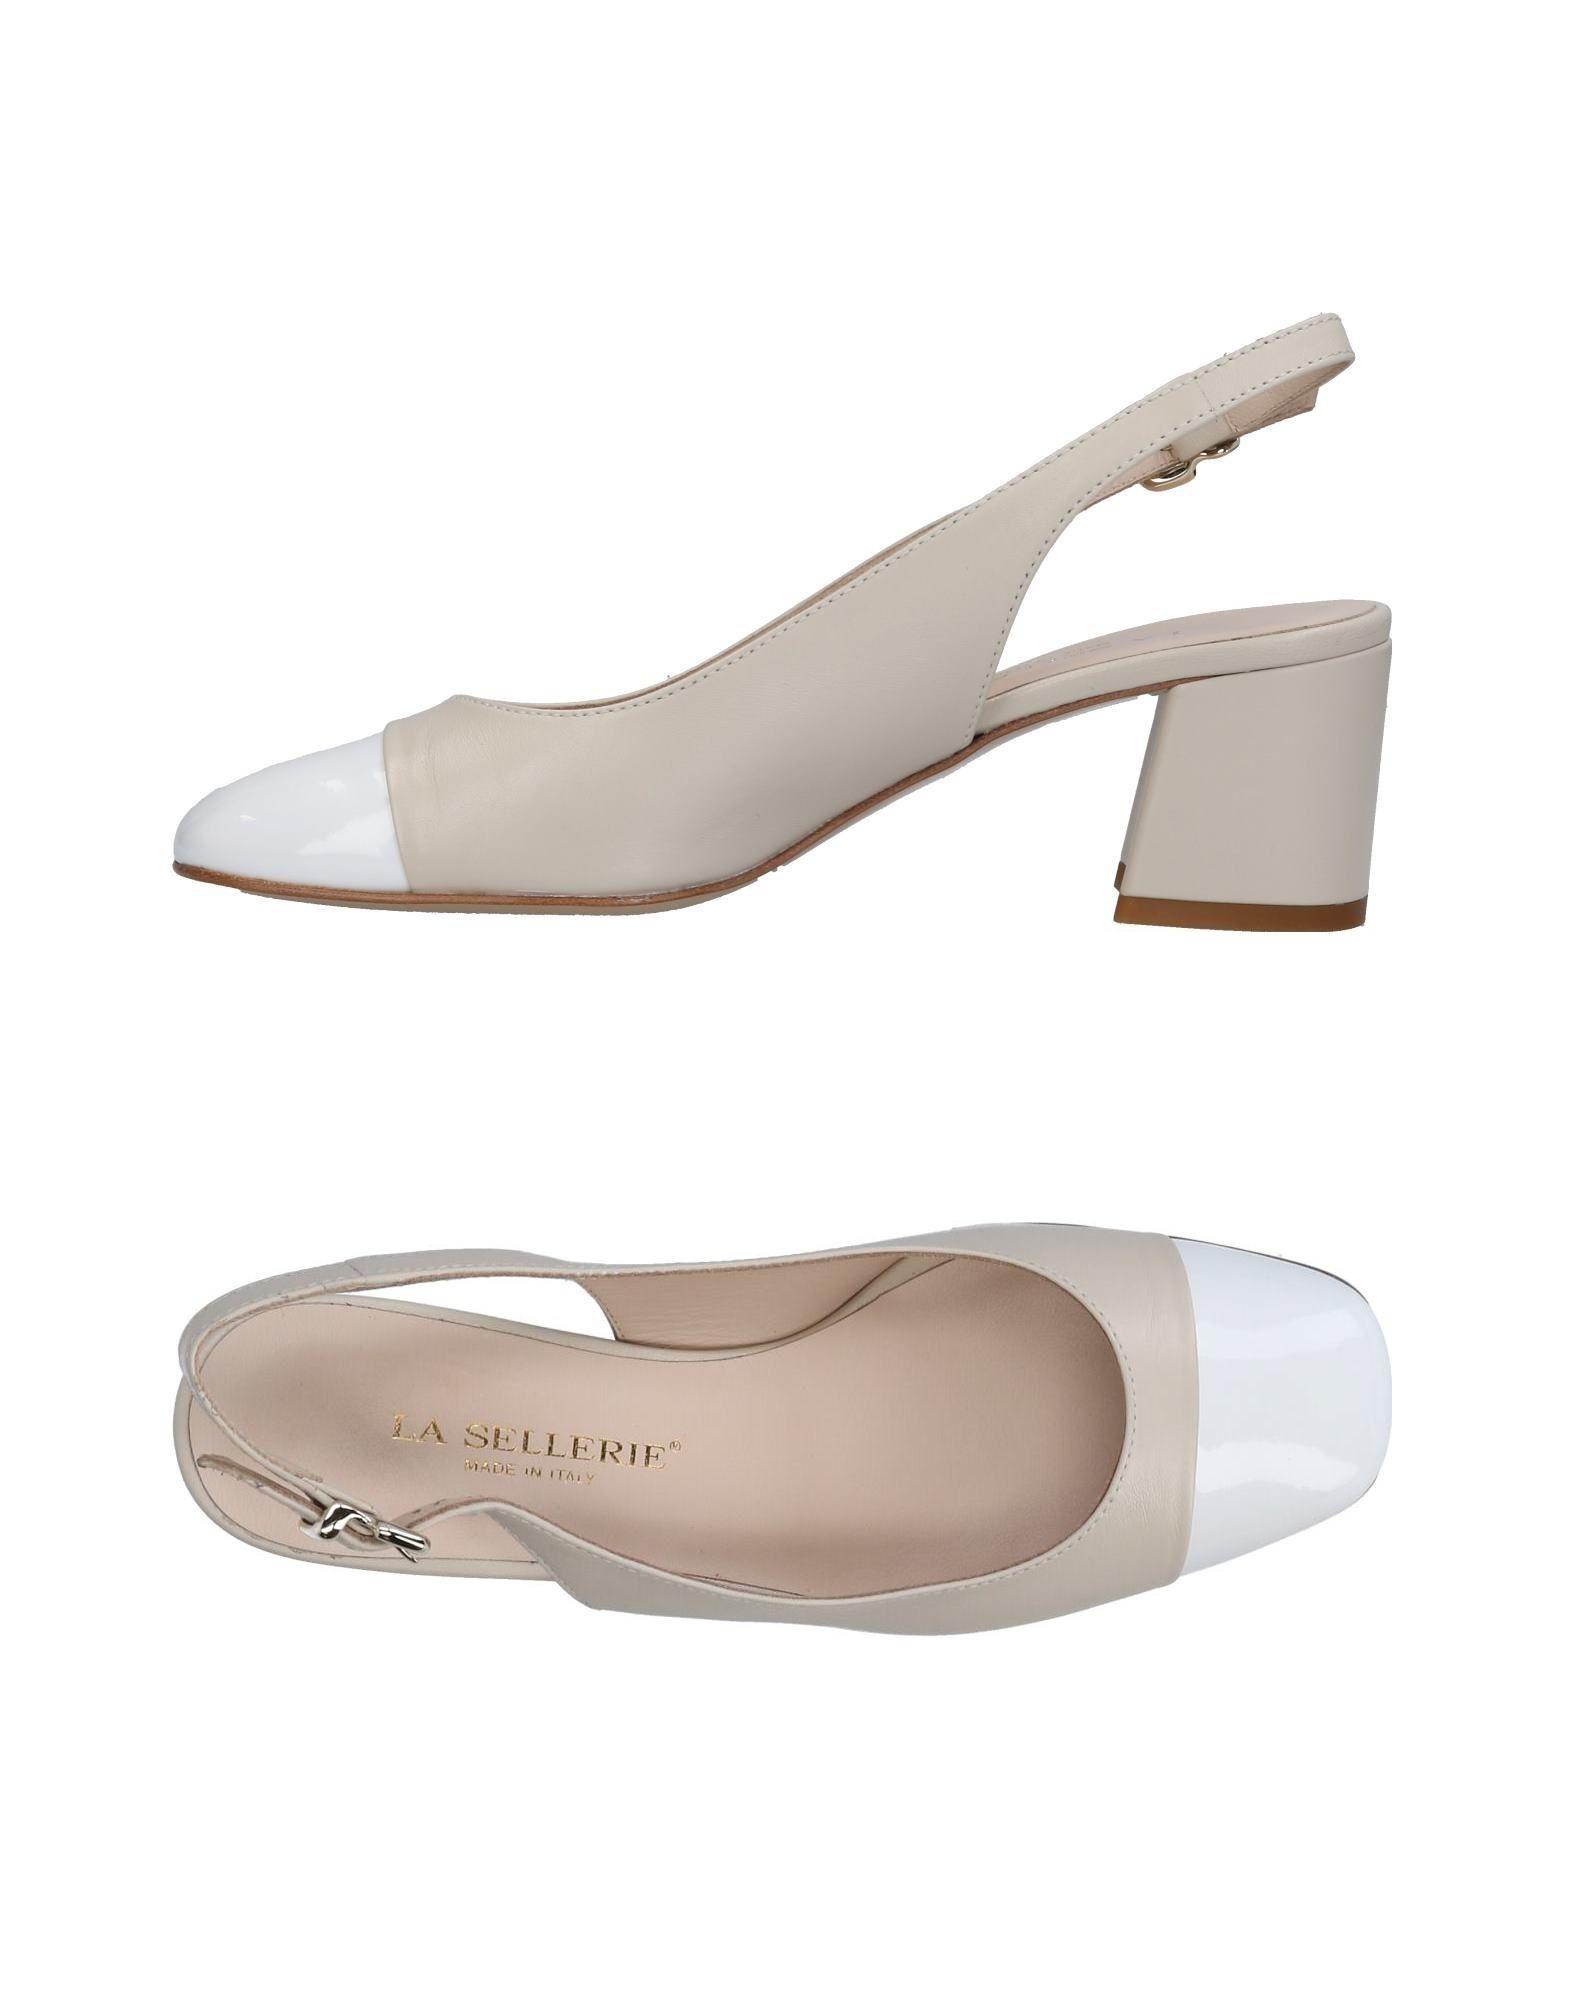 Escarpins La Sellerie Femme - Escarpins La Sellerie Noir Dernières chaussures discount pour hommes et femmes